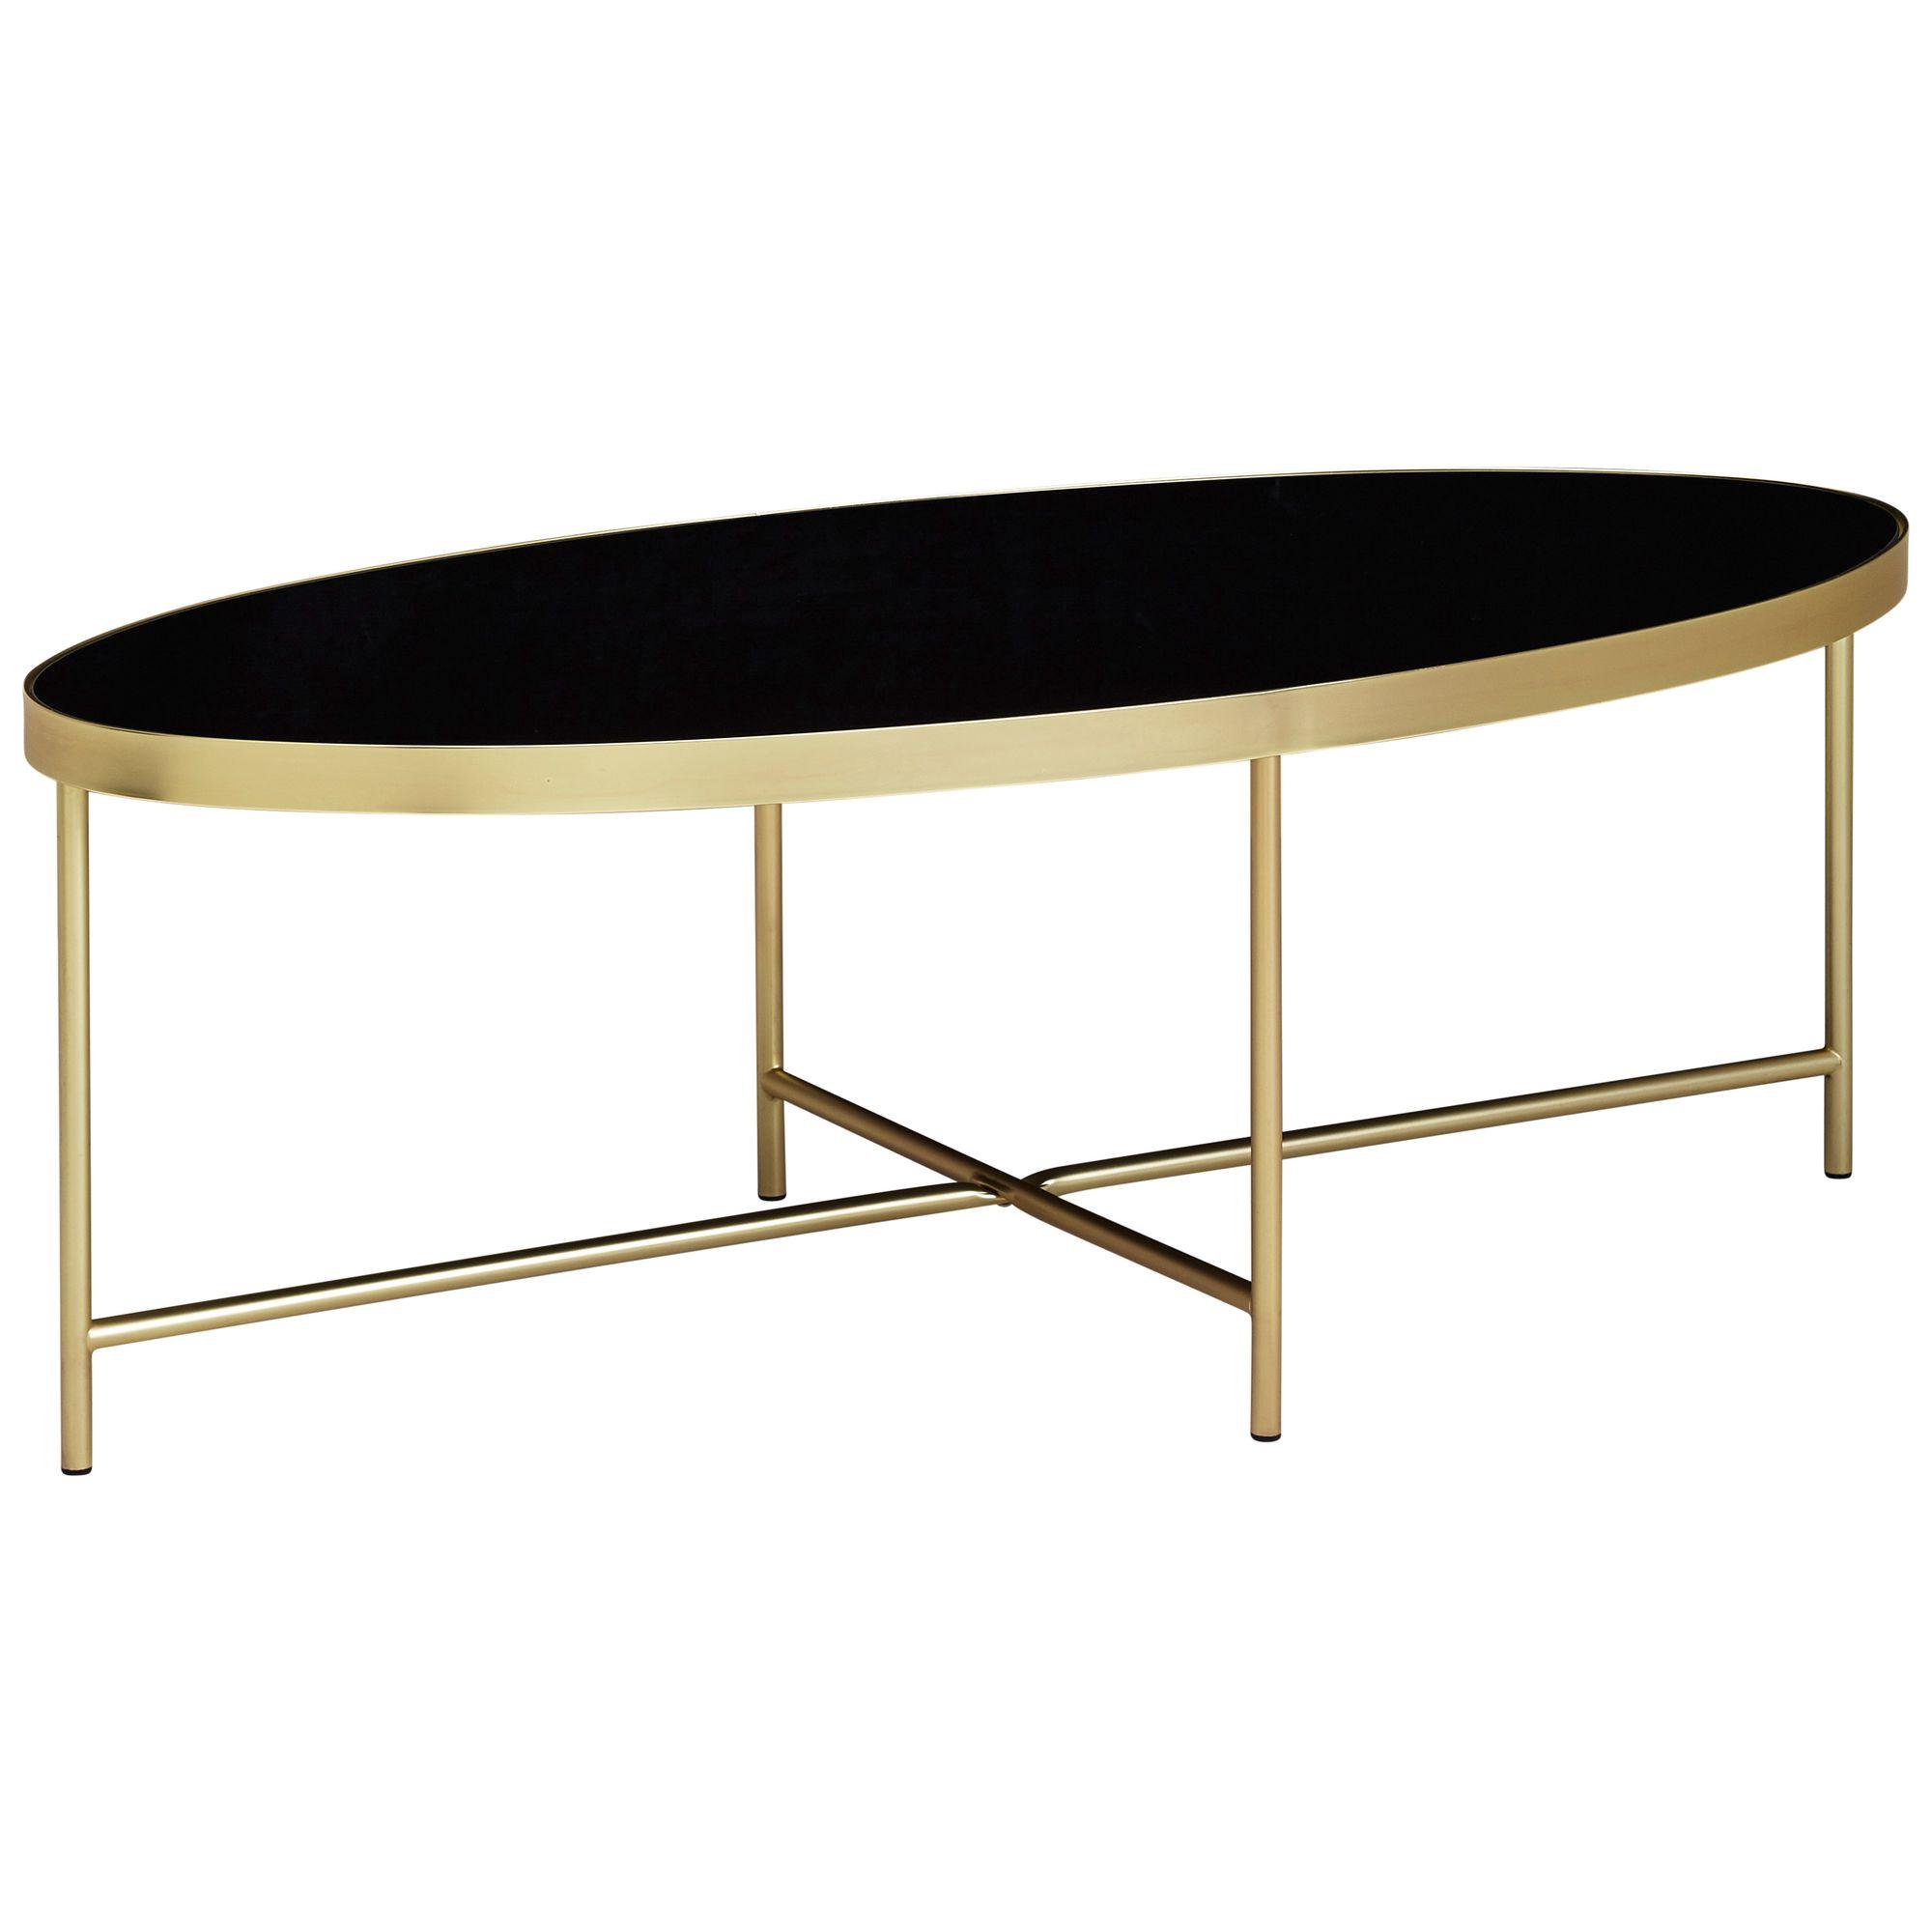 Wohnling Design Couchtisch Glas Schwarz Oval 110 X 56 Cm Mit Gold Metallgestell